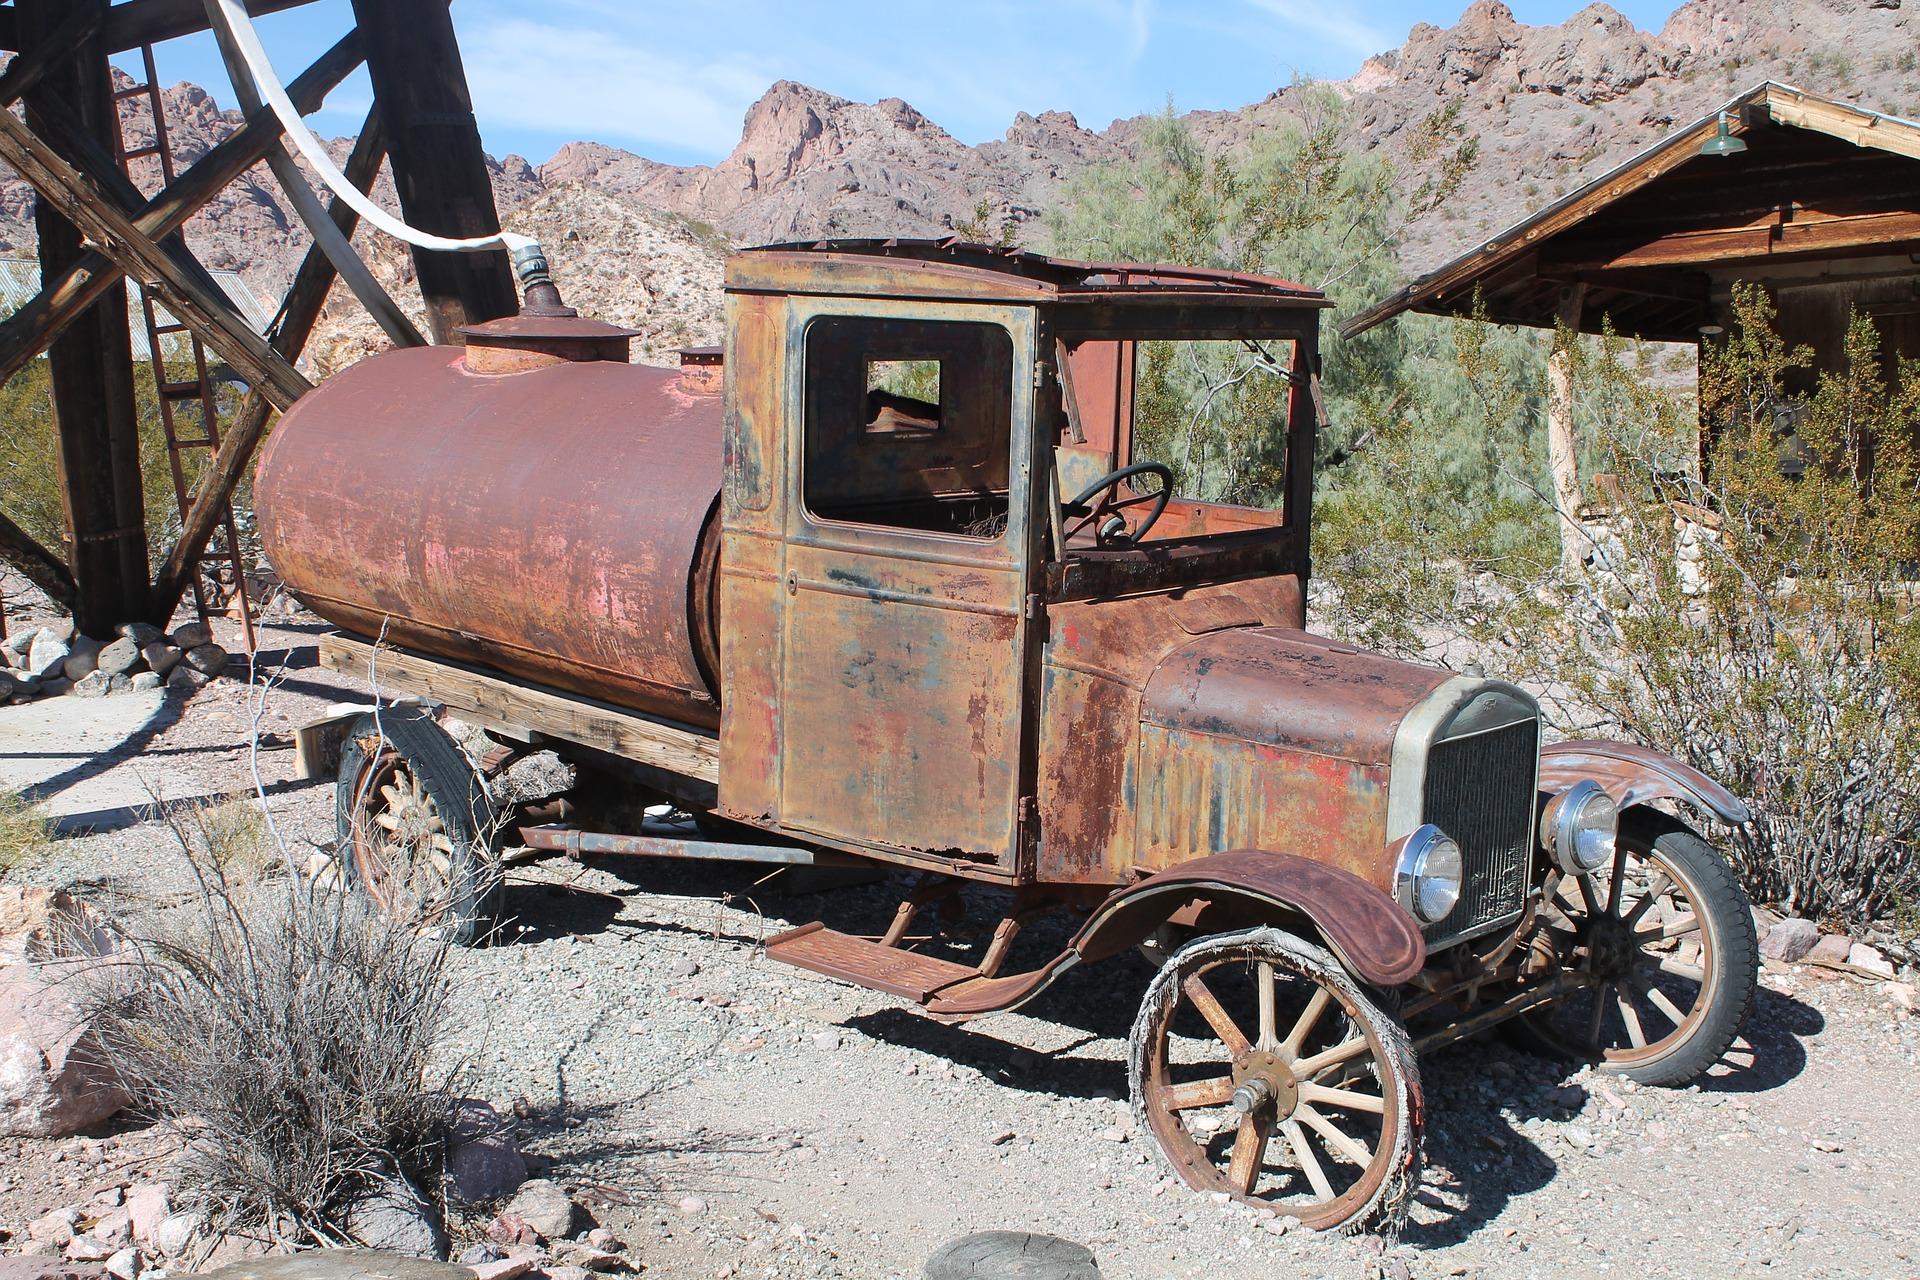 Roest op een auto maakt de auto kapot, van binnen en van buiten.